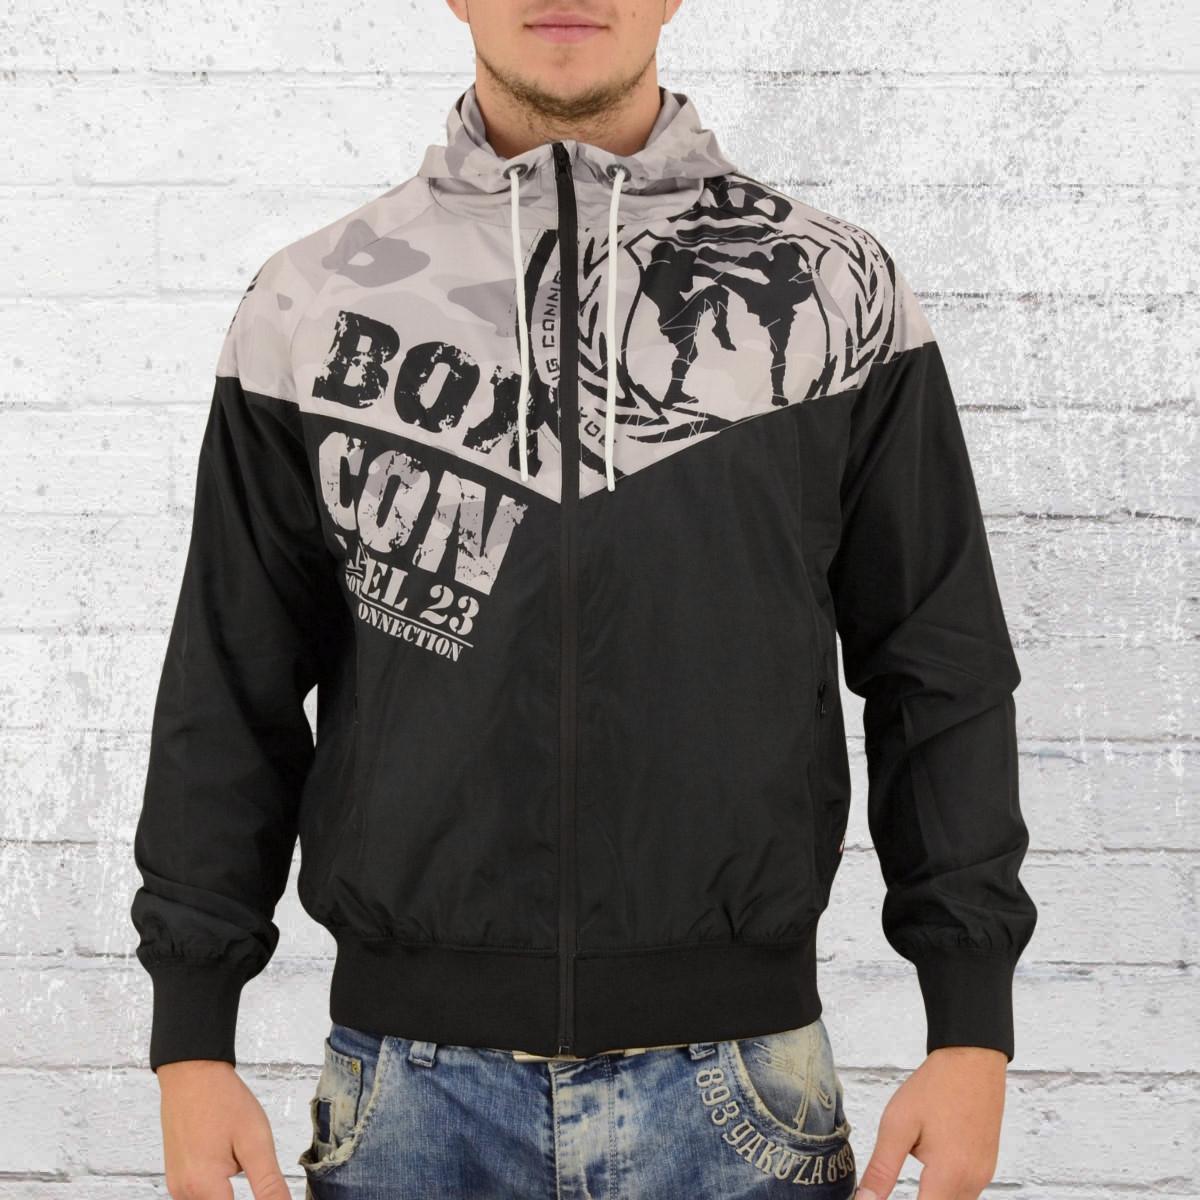 Label 23 Windjacke Männer Fight Team camouflage schwarz grau